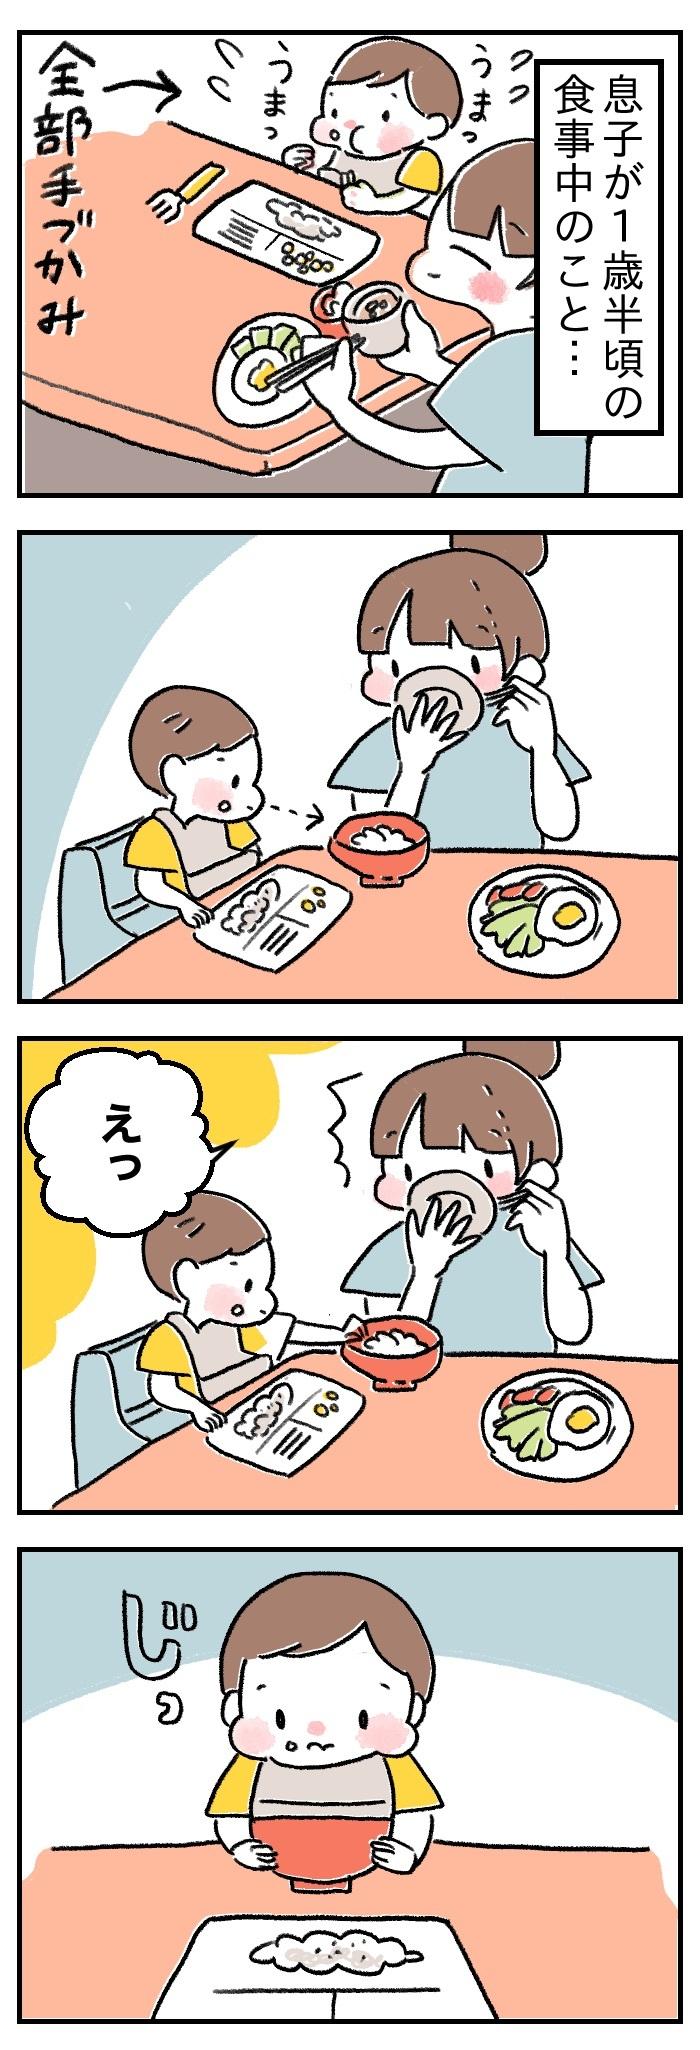 1歳児おもしろすぎ…息子のフリースタイルな食べっぷりをご覧あれ!の画像1